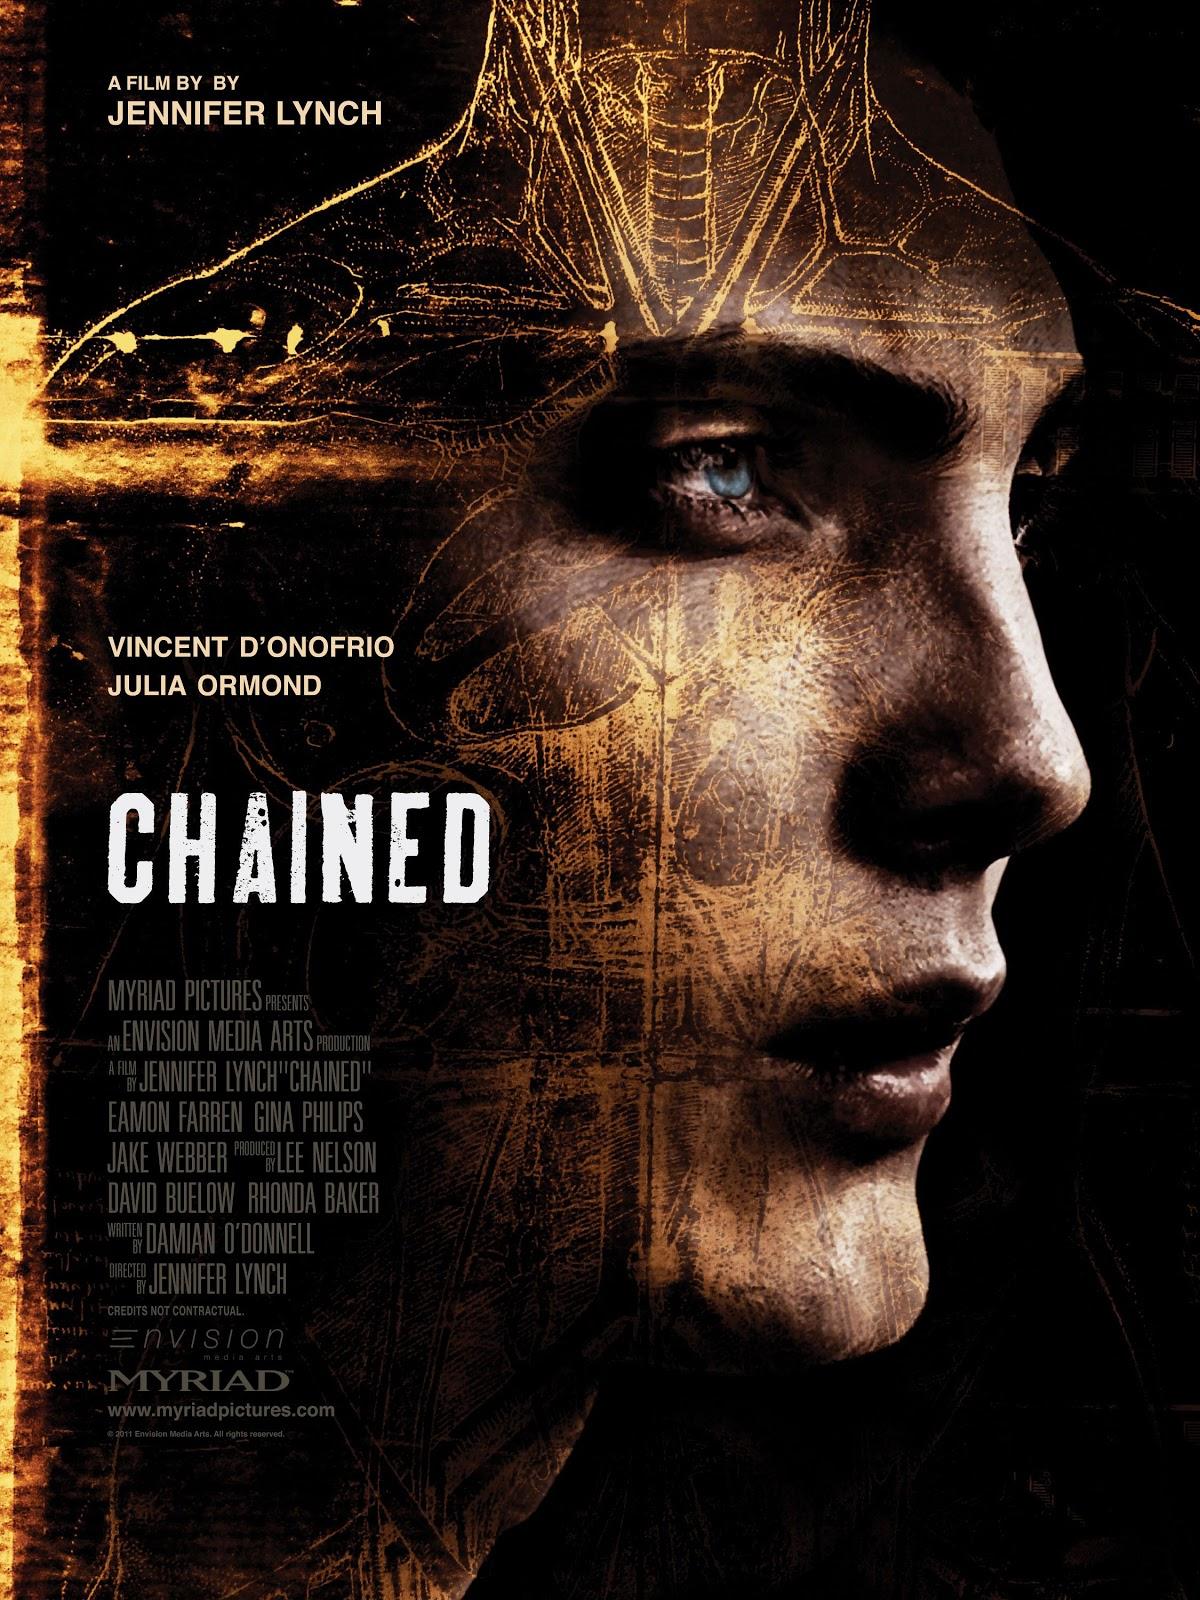 http://4.bp.blogspot.com/-MH7EkHIGGd4/UHVVxnn06KI/AAAAAAAAFBY/Yi1HMZrsQVk/s1600/chained-poster.jpg